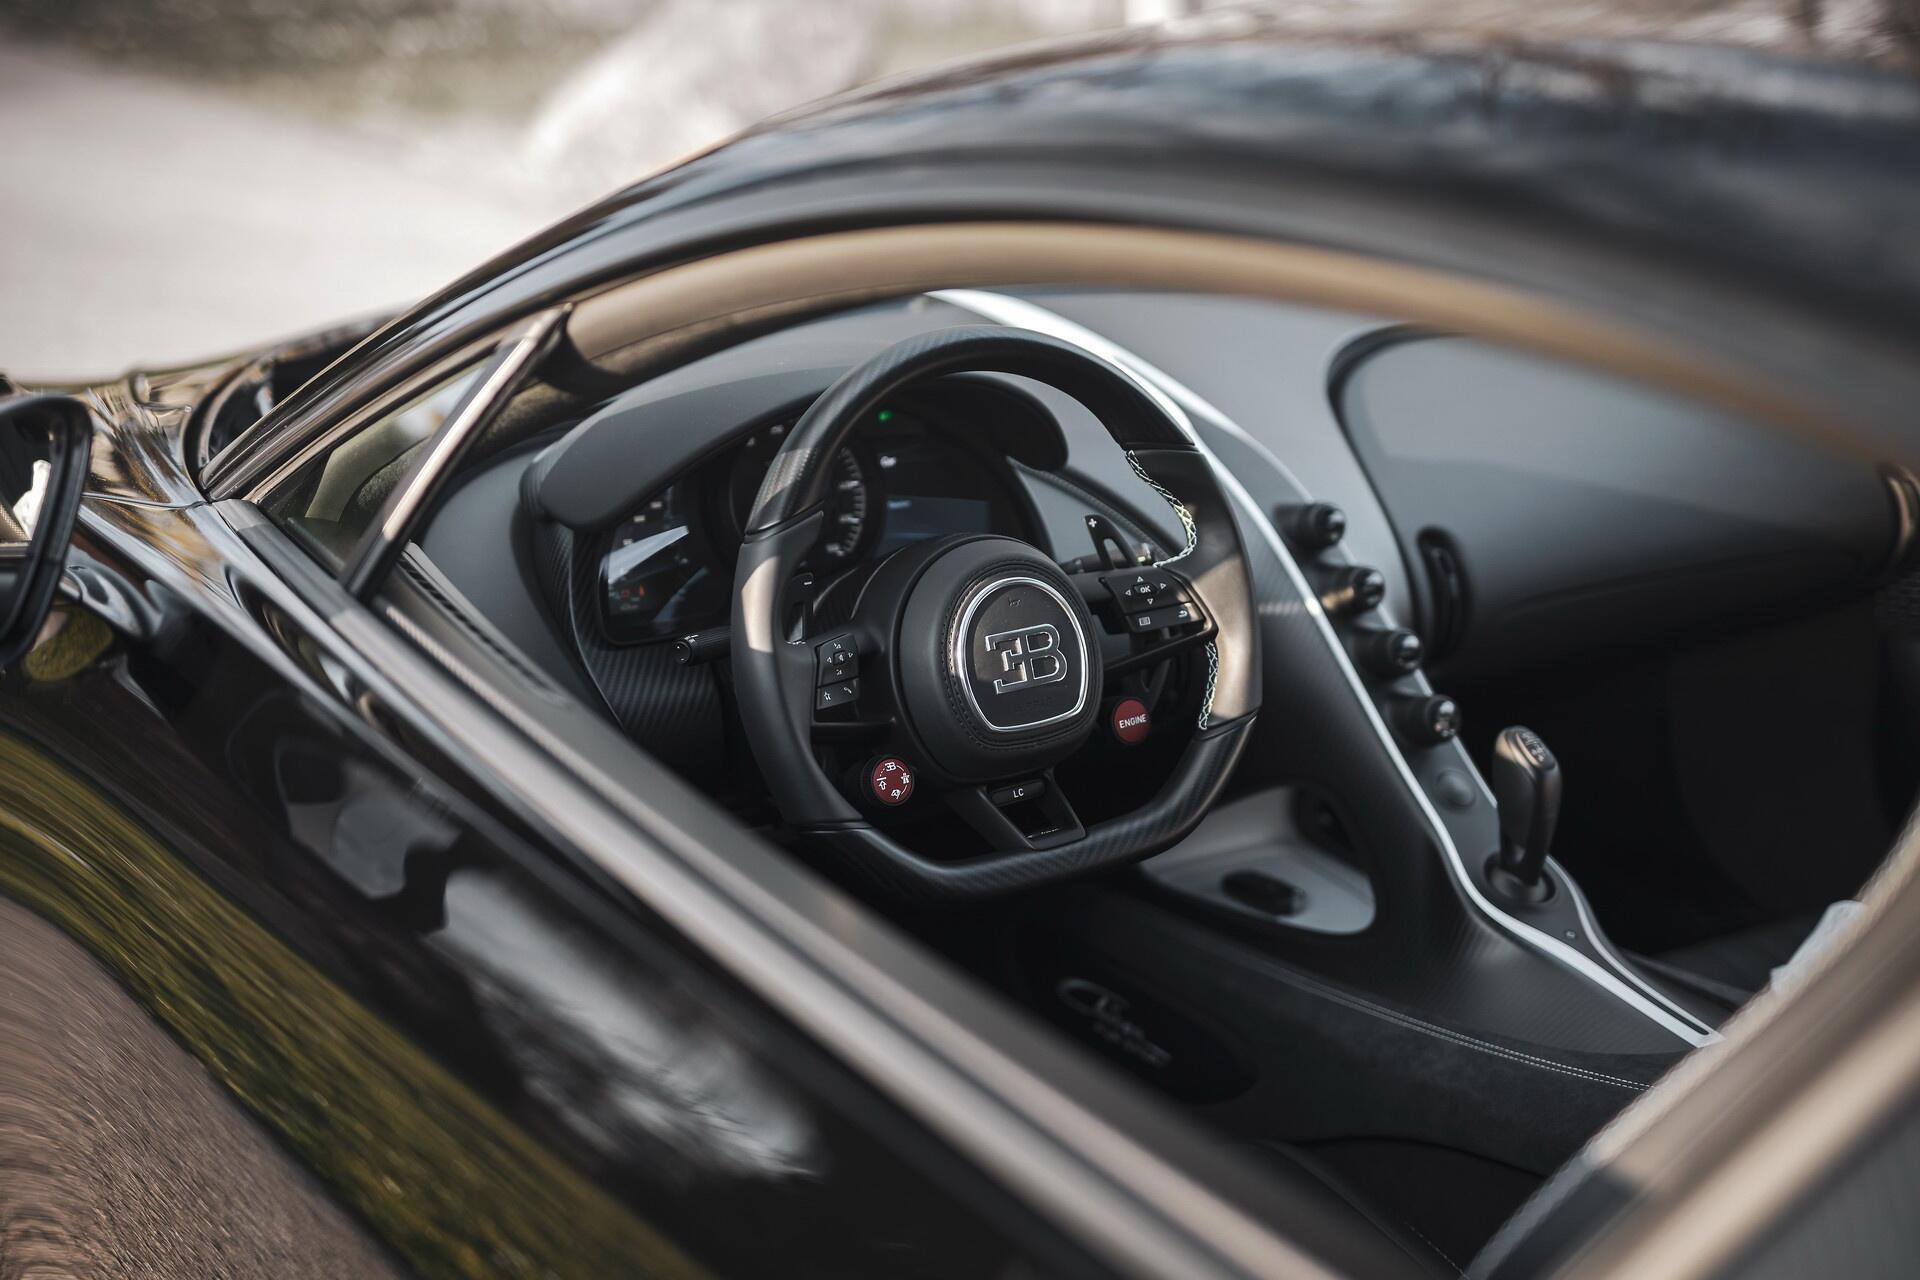 bugatti-can-moc-300-chiec-chiron-duoc-xuat-xuong